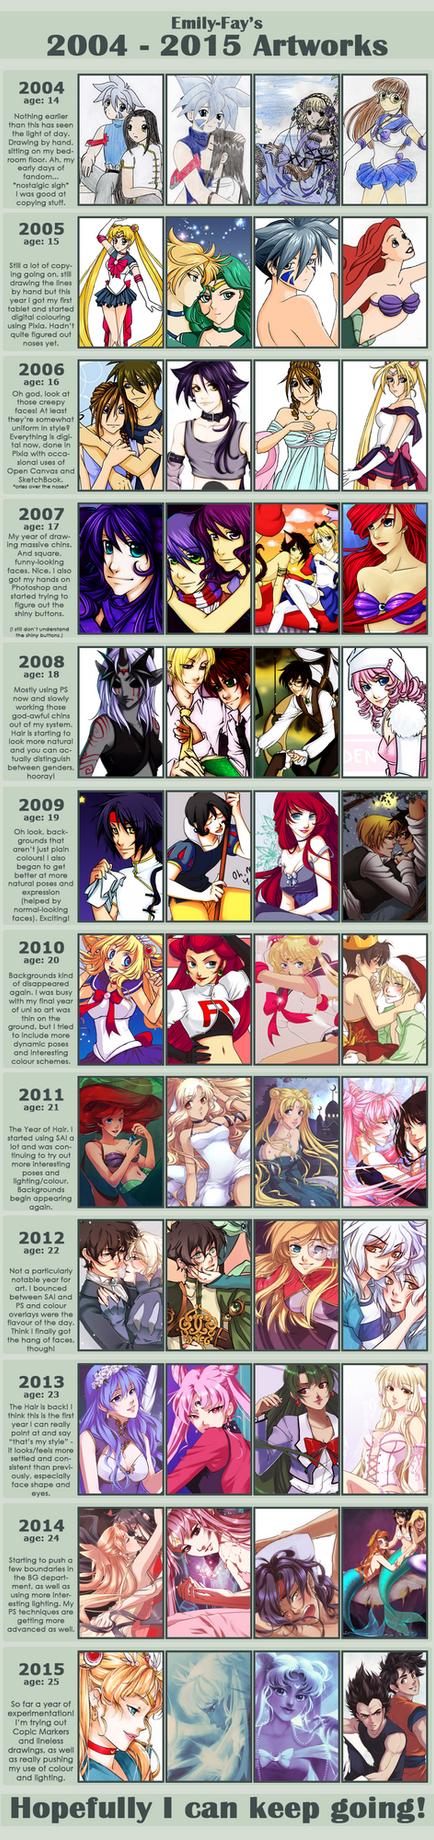 Progress: 2004 - 2015 by Emily-Fay